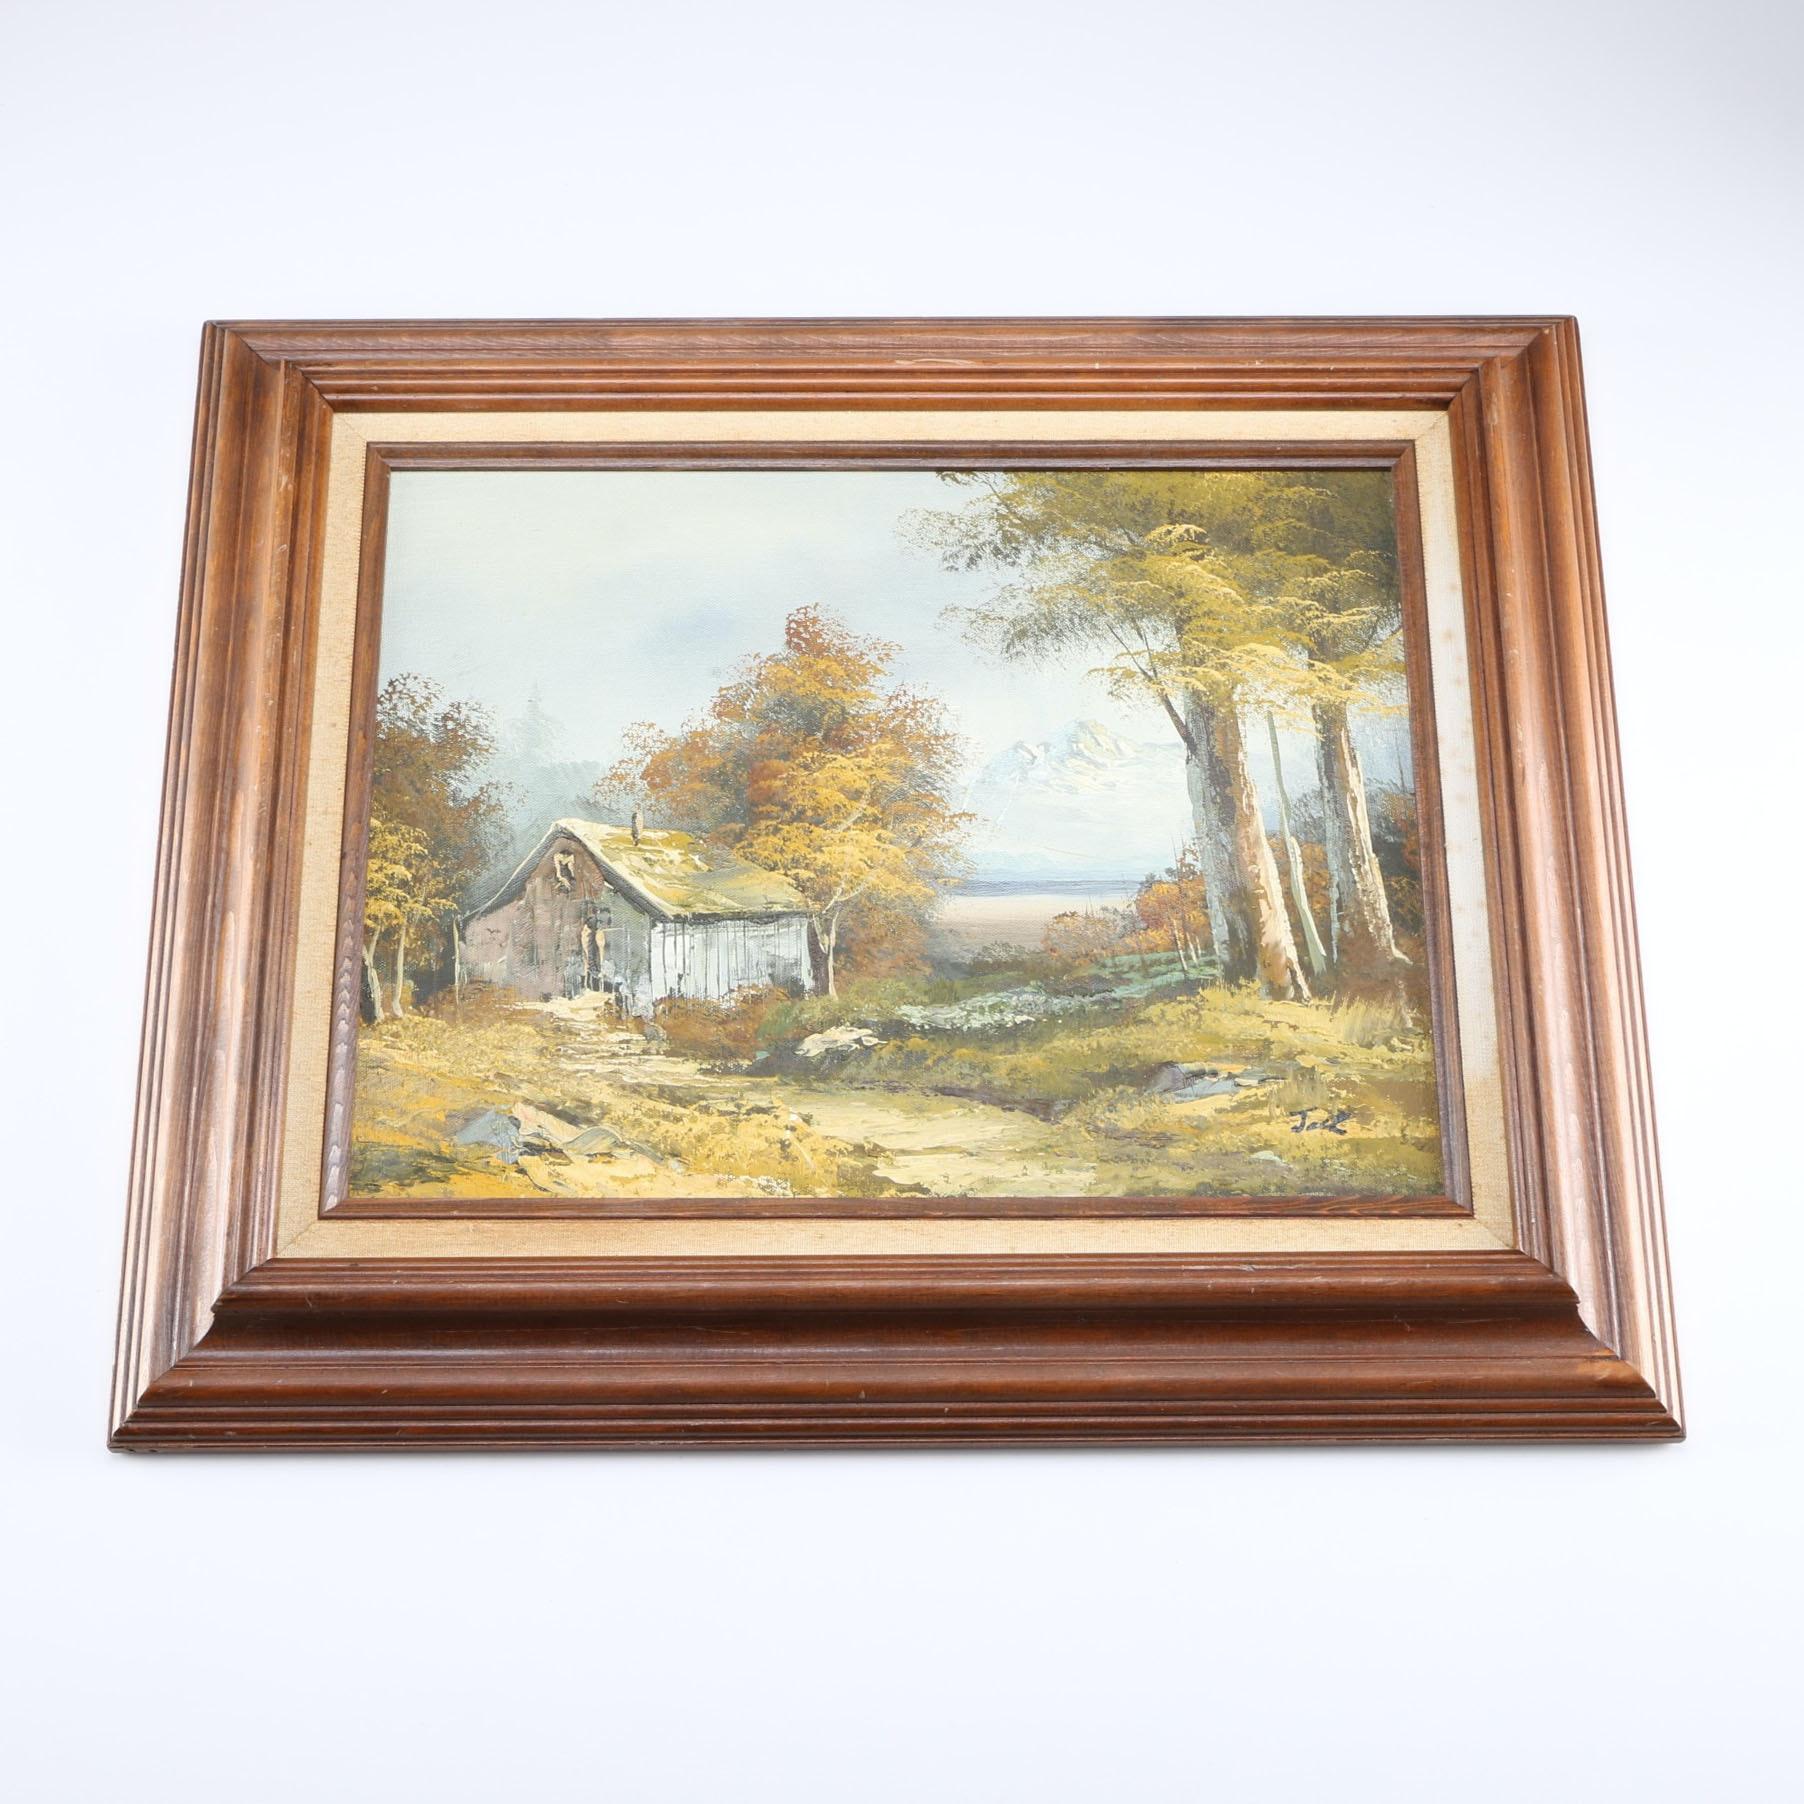 Signed Vintage Framed Acrylic Landscape